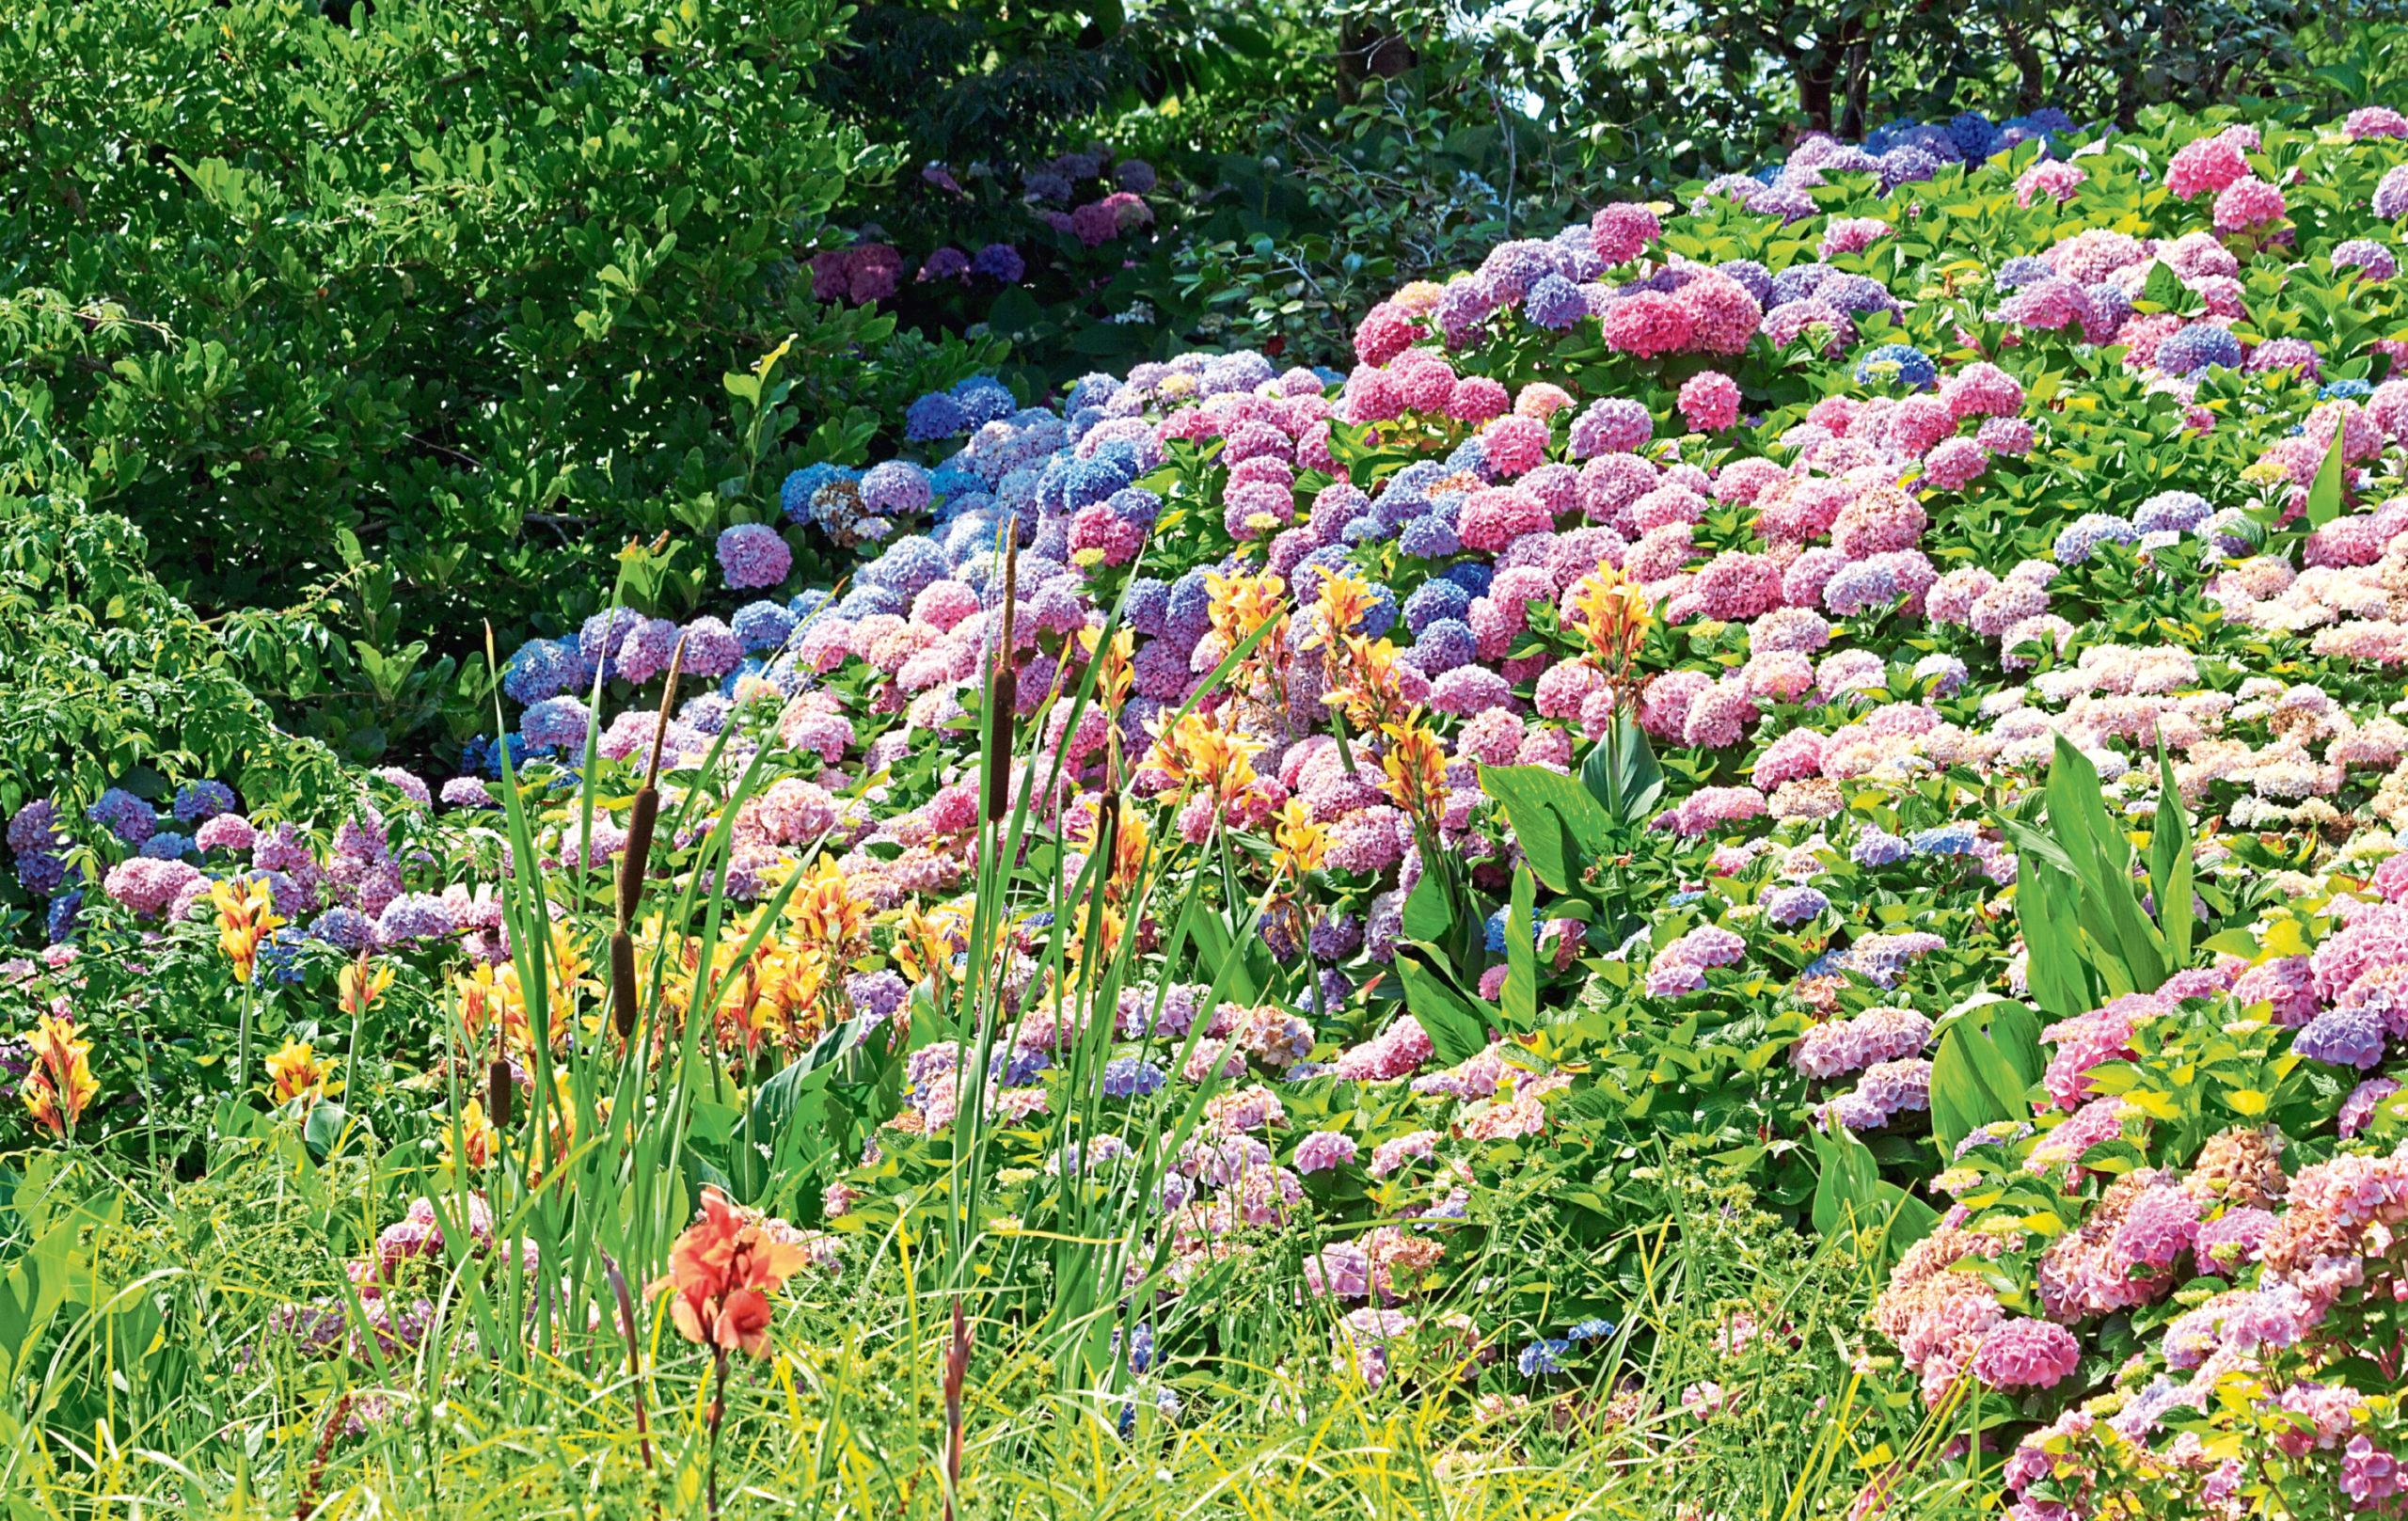 Huge hydrangeas in full bloom